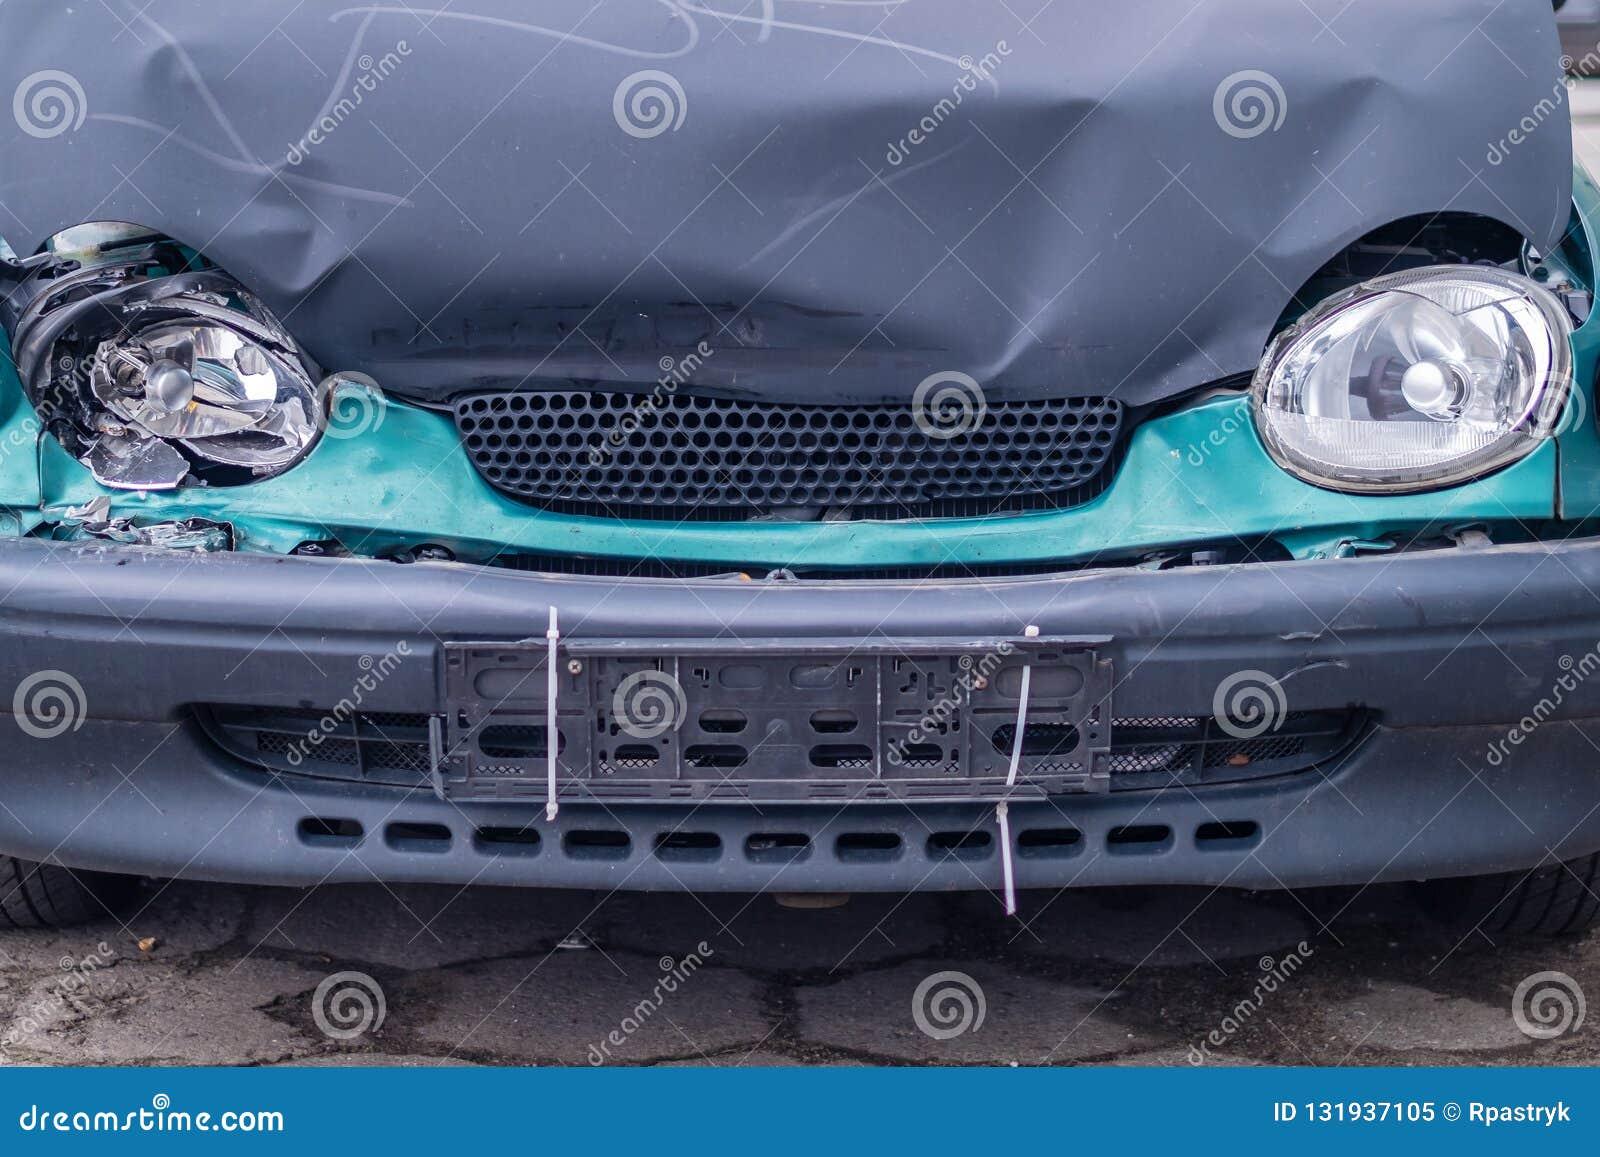 Автомобиль после автокатастрофы, headlamps